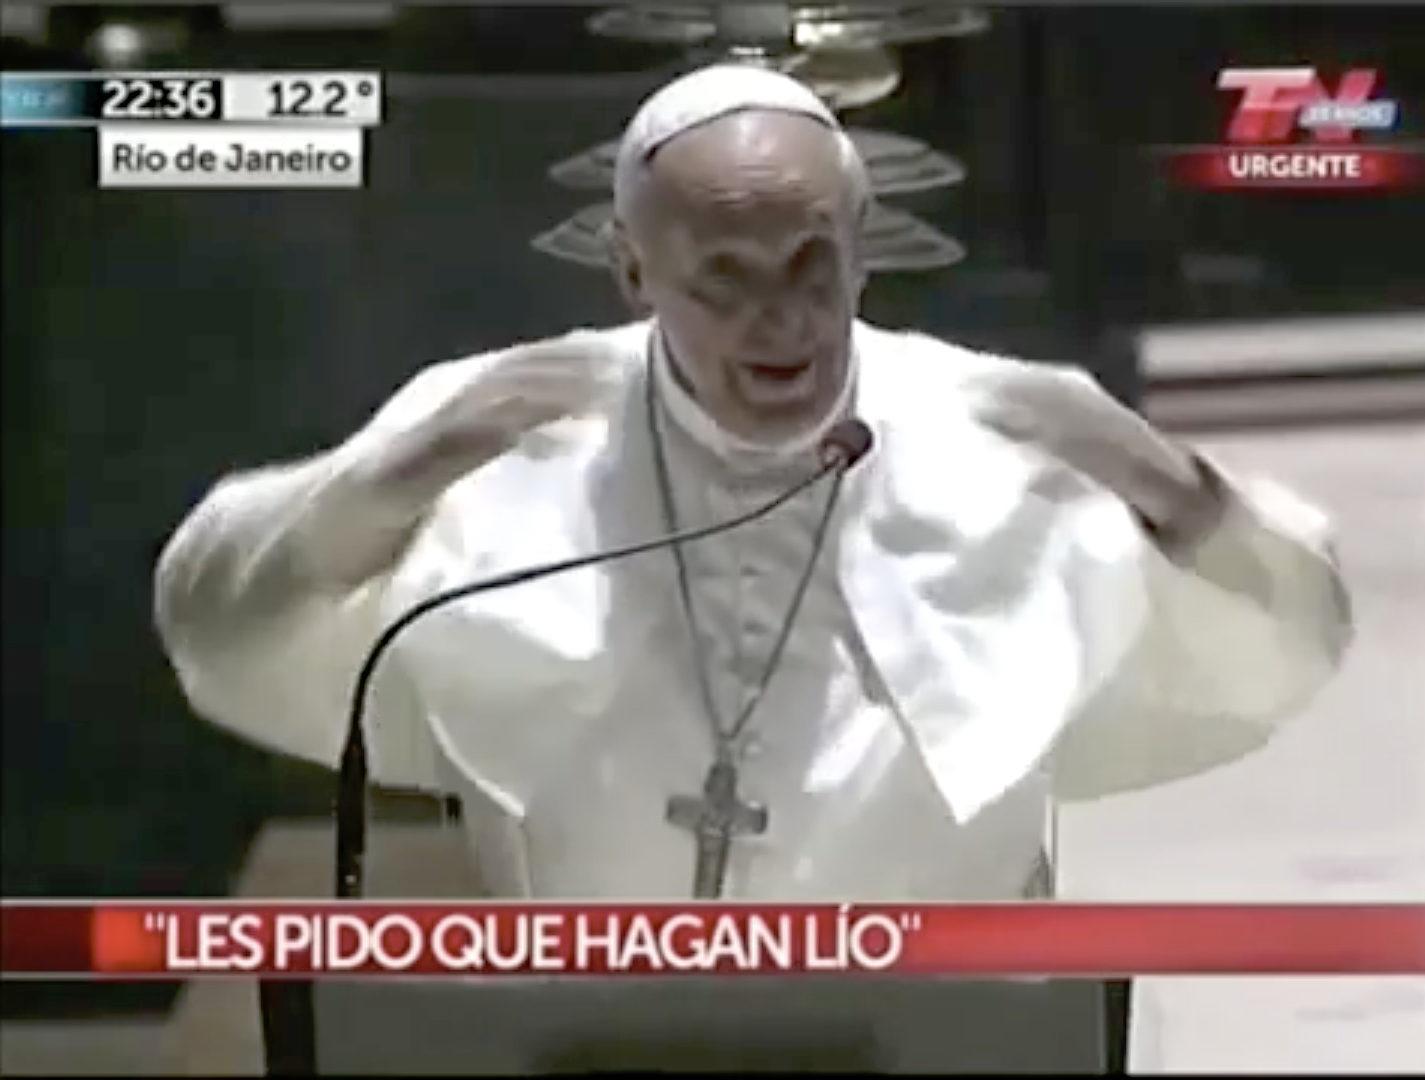 JMJ de Rio, rencontre avec les jeunes Argentins, cathédrale S. Sebastian, capture @ YouTube